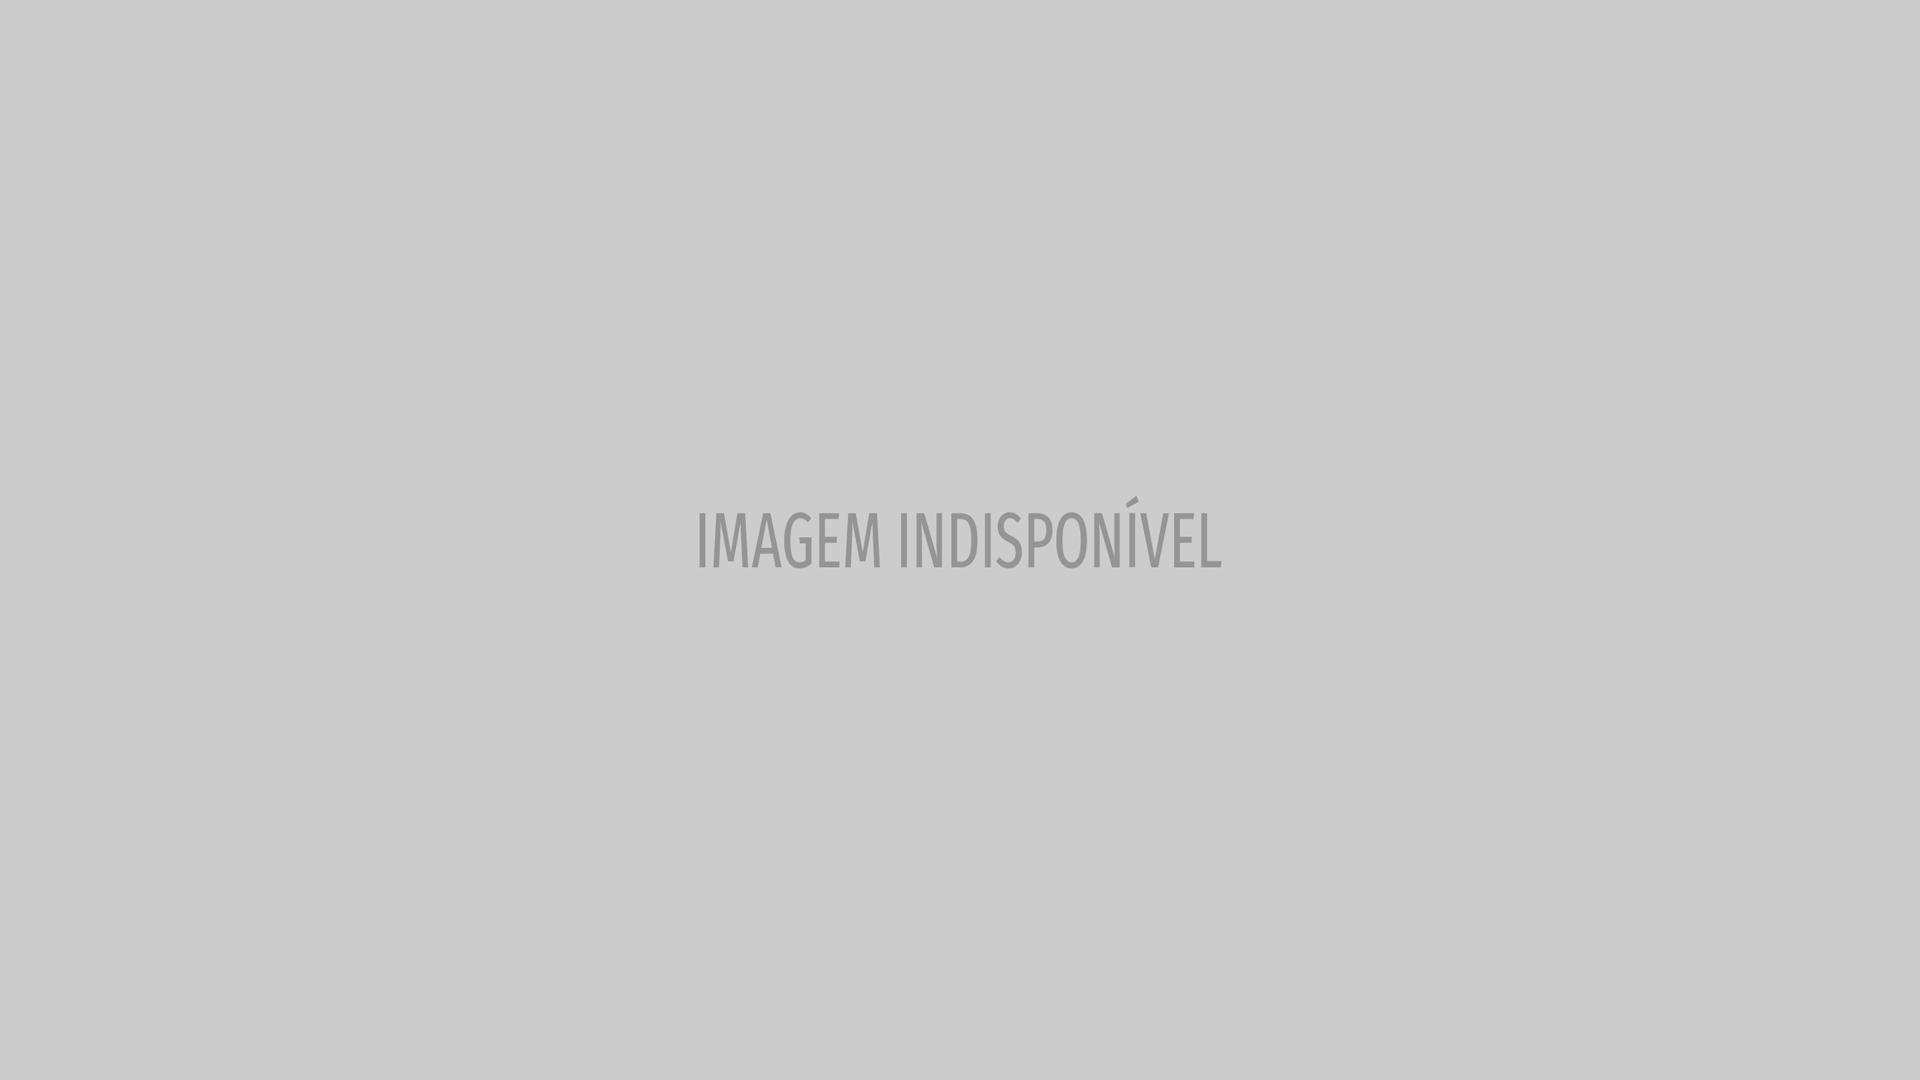 Após jogo da seleção, Neymar volta a encontrar-se com Demi Lovato